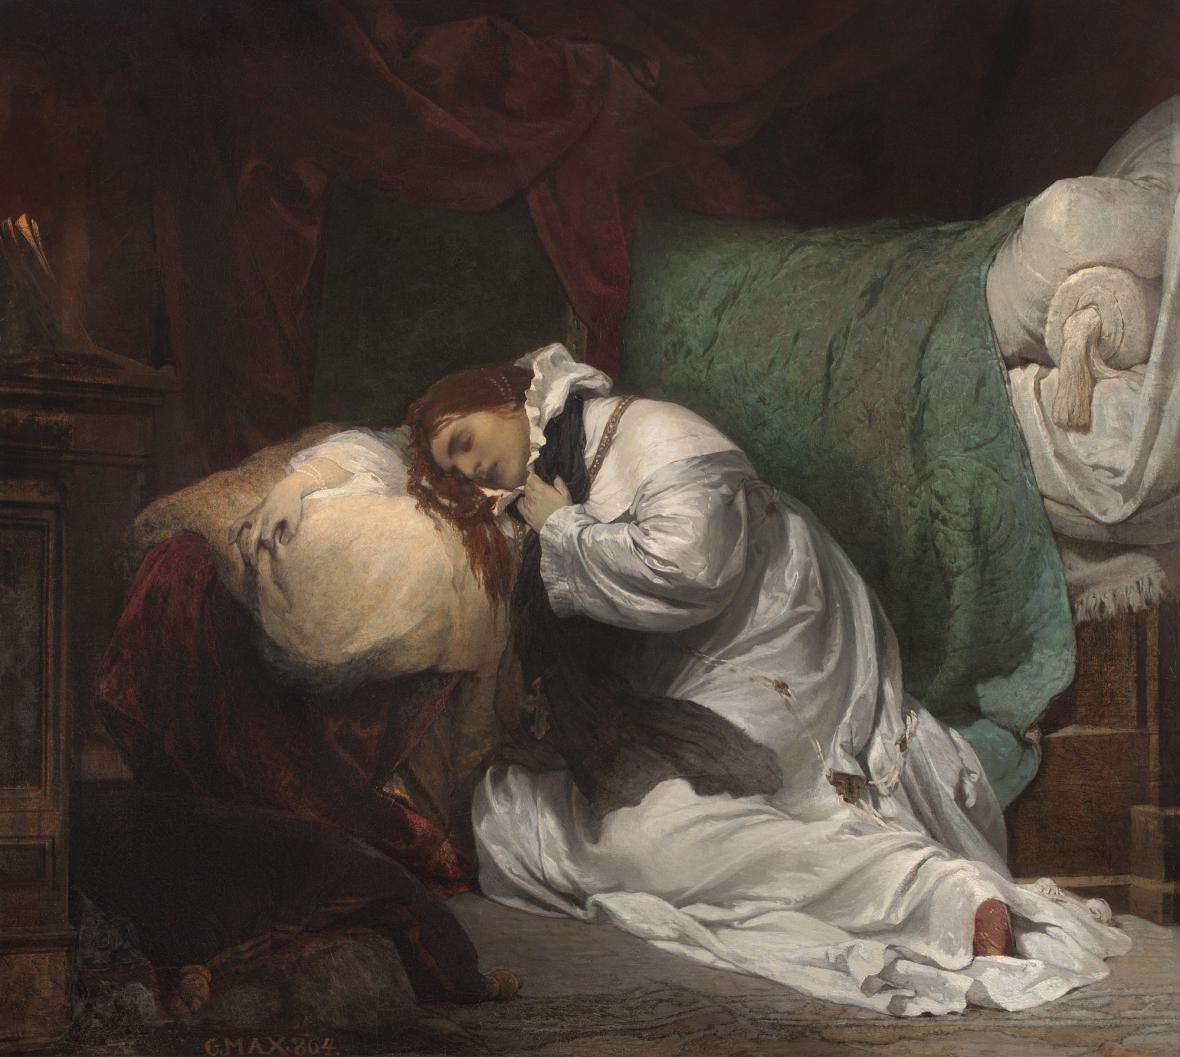 Gabriel von Max / Umučení svaté Ludmily, 1864